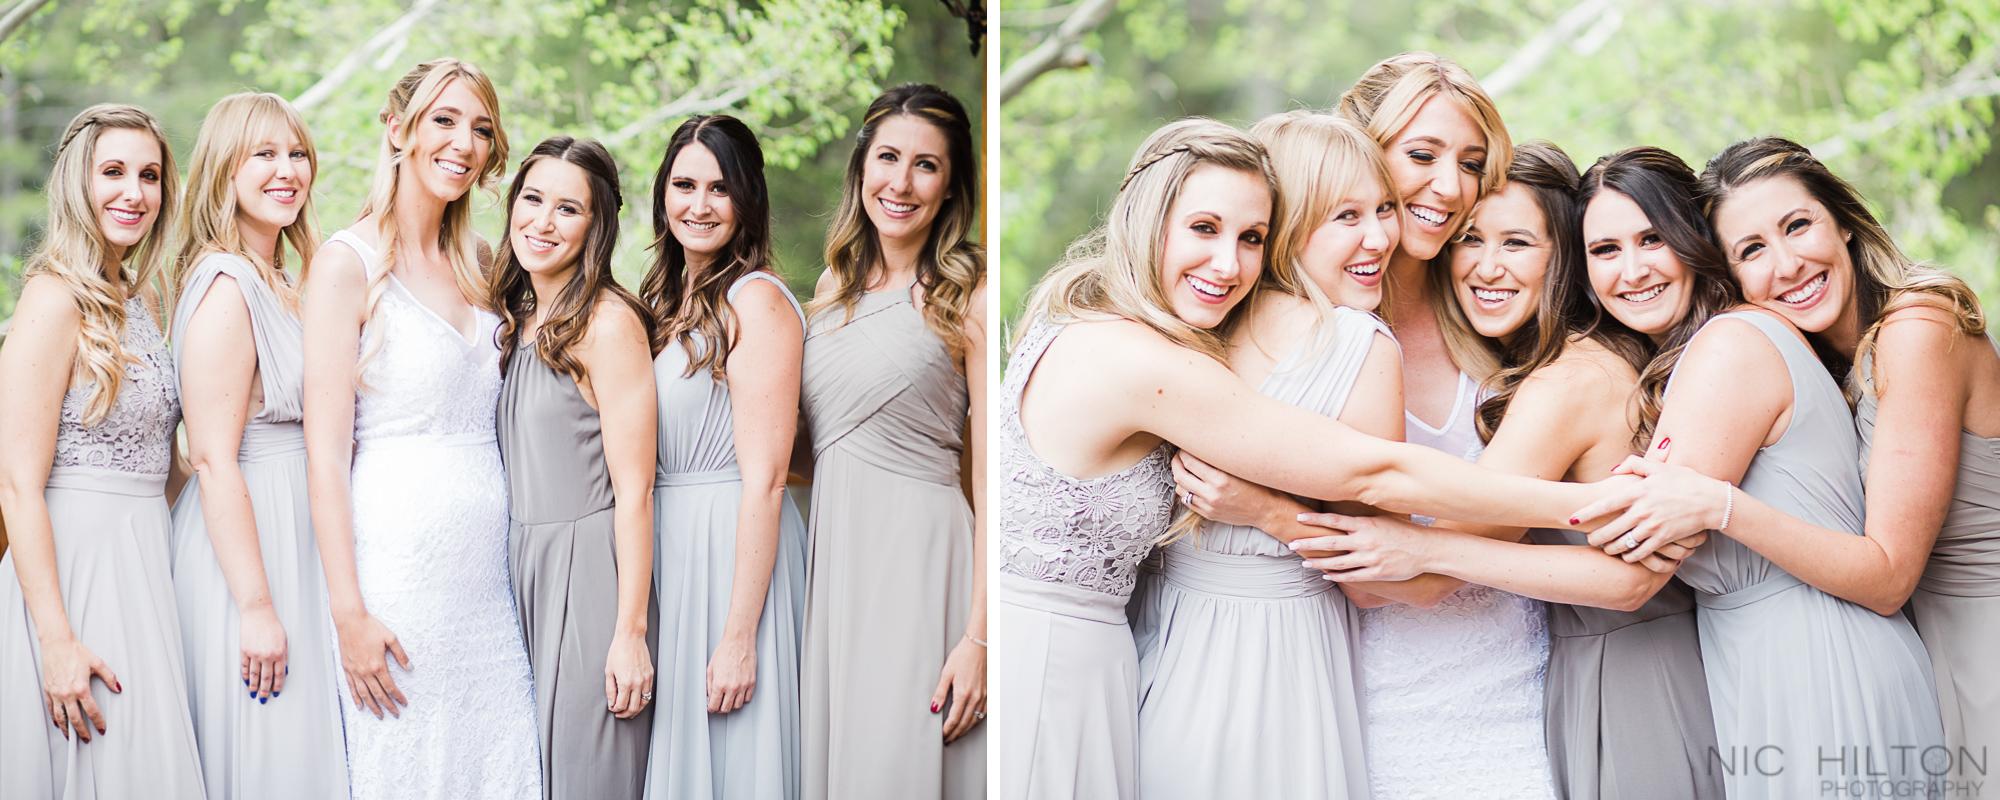 Bridal-Party-Photos-Double-Eagle-Wedding.jpg